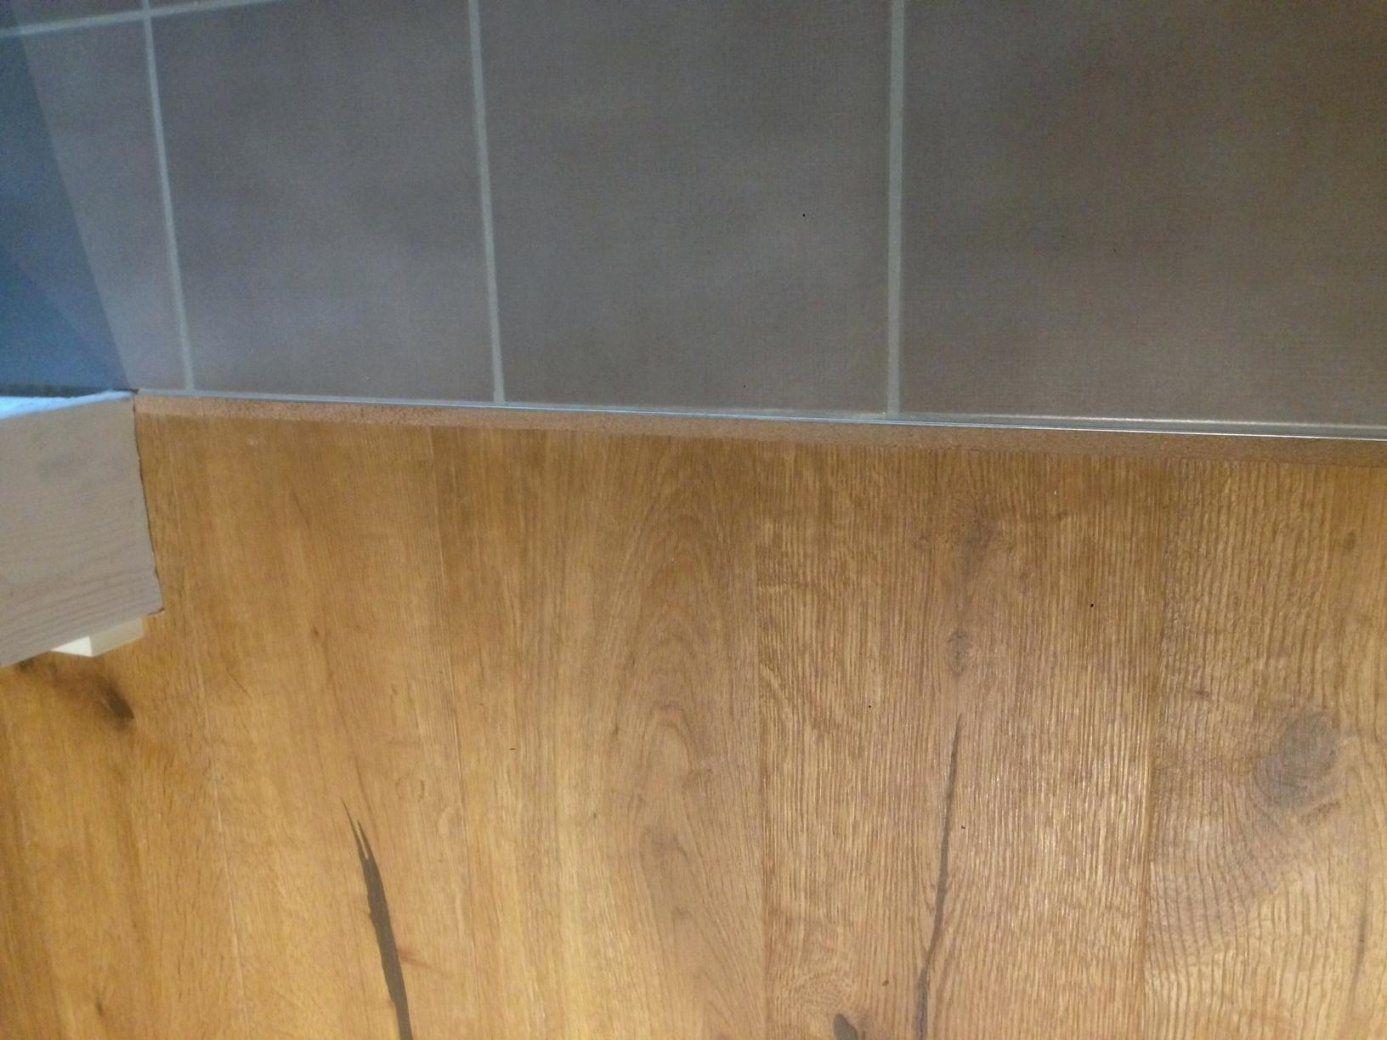 Klick Vinyl Auf Fliesen Mm Verlegen Fussbodenheizung von Vinylboden Auf Fliesen Mit Fussbodenheizung Verlegen Bild